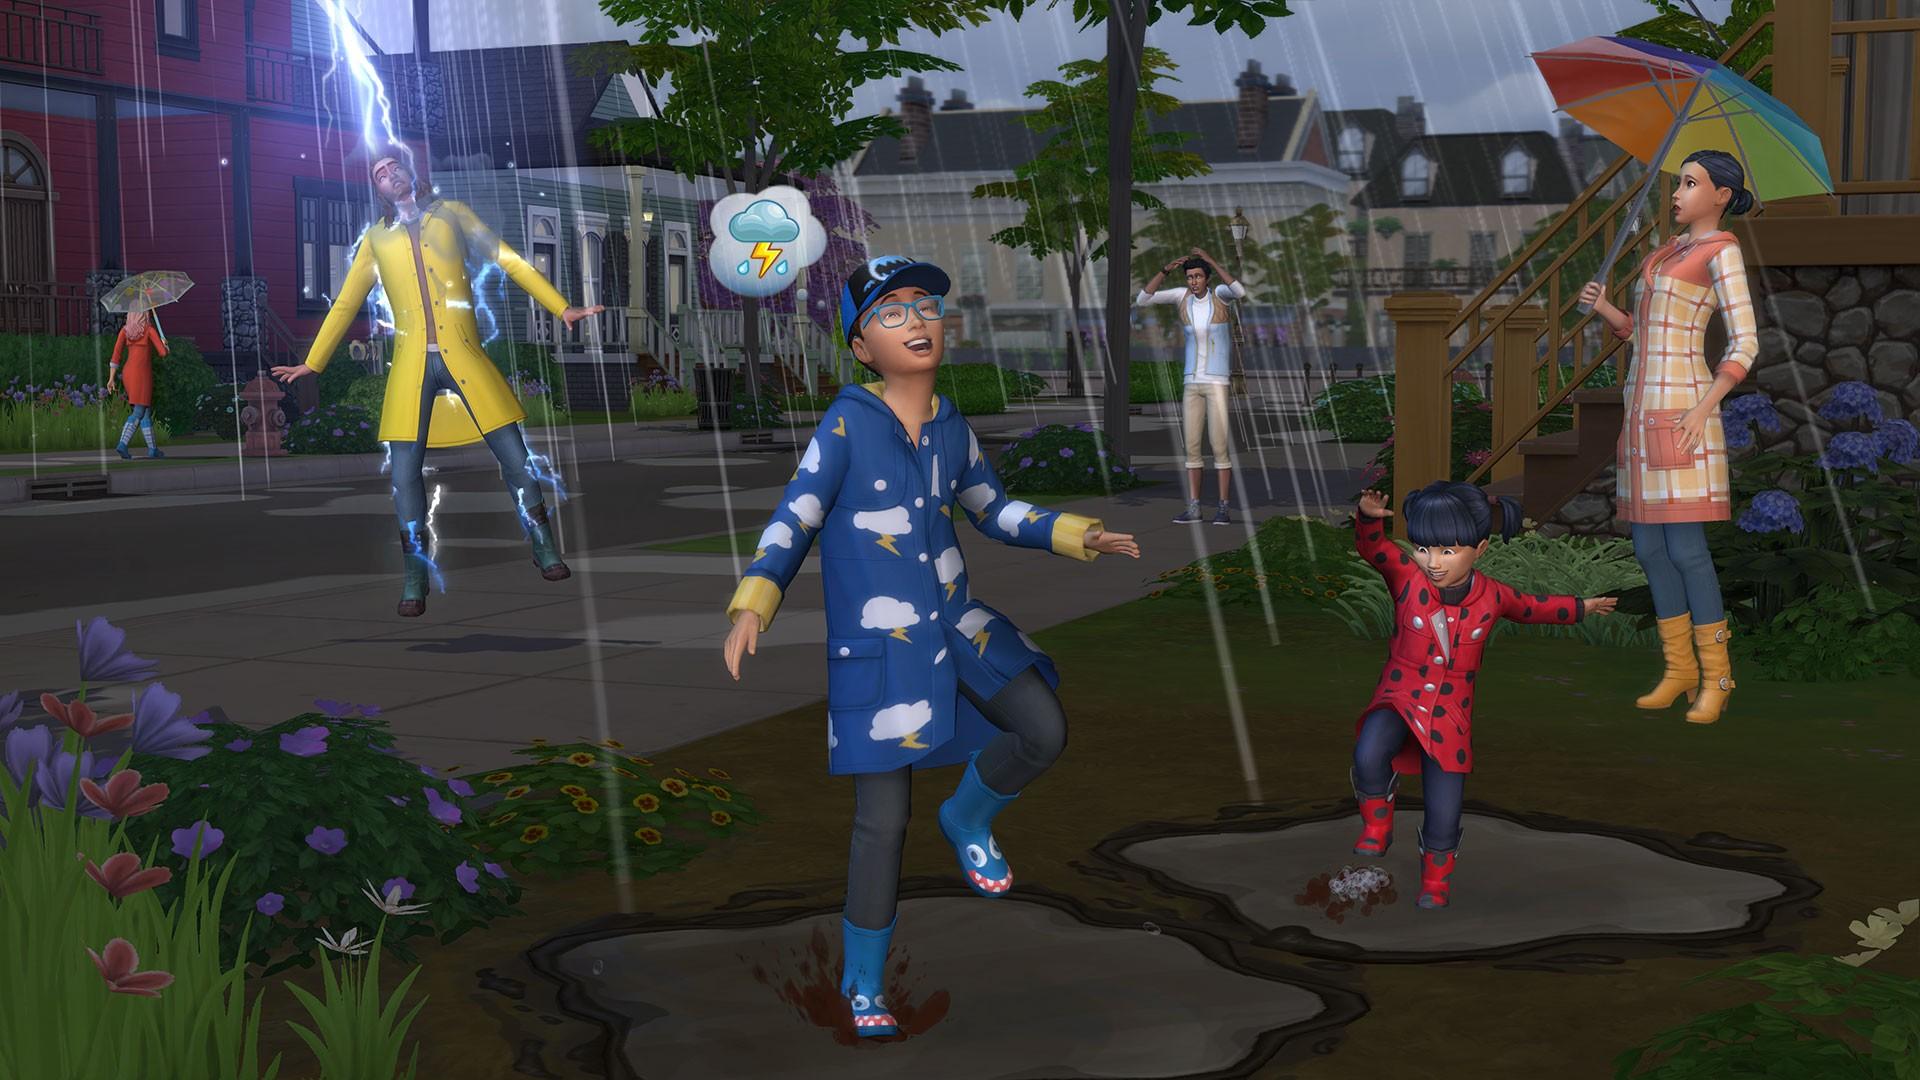 Resultado de imagen para The Sims 4 Seasons